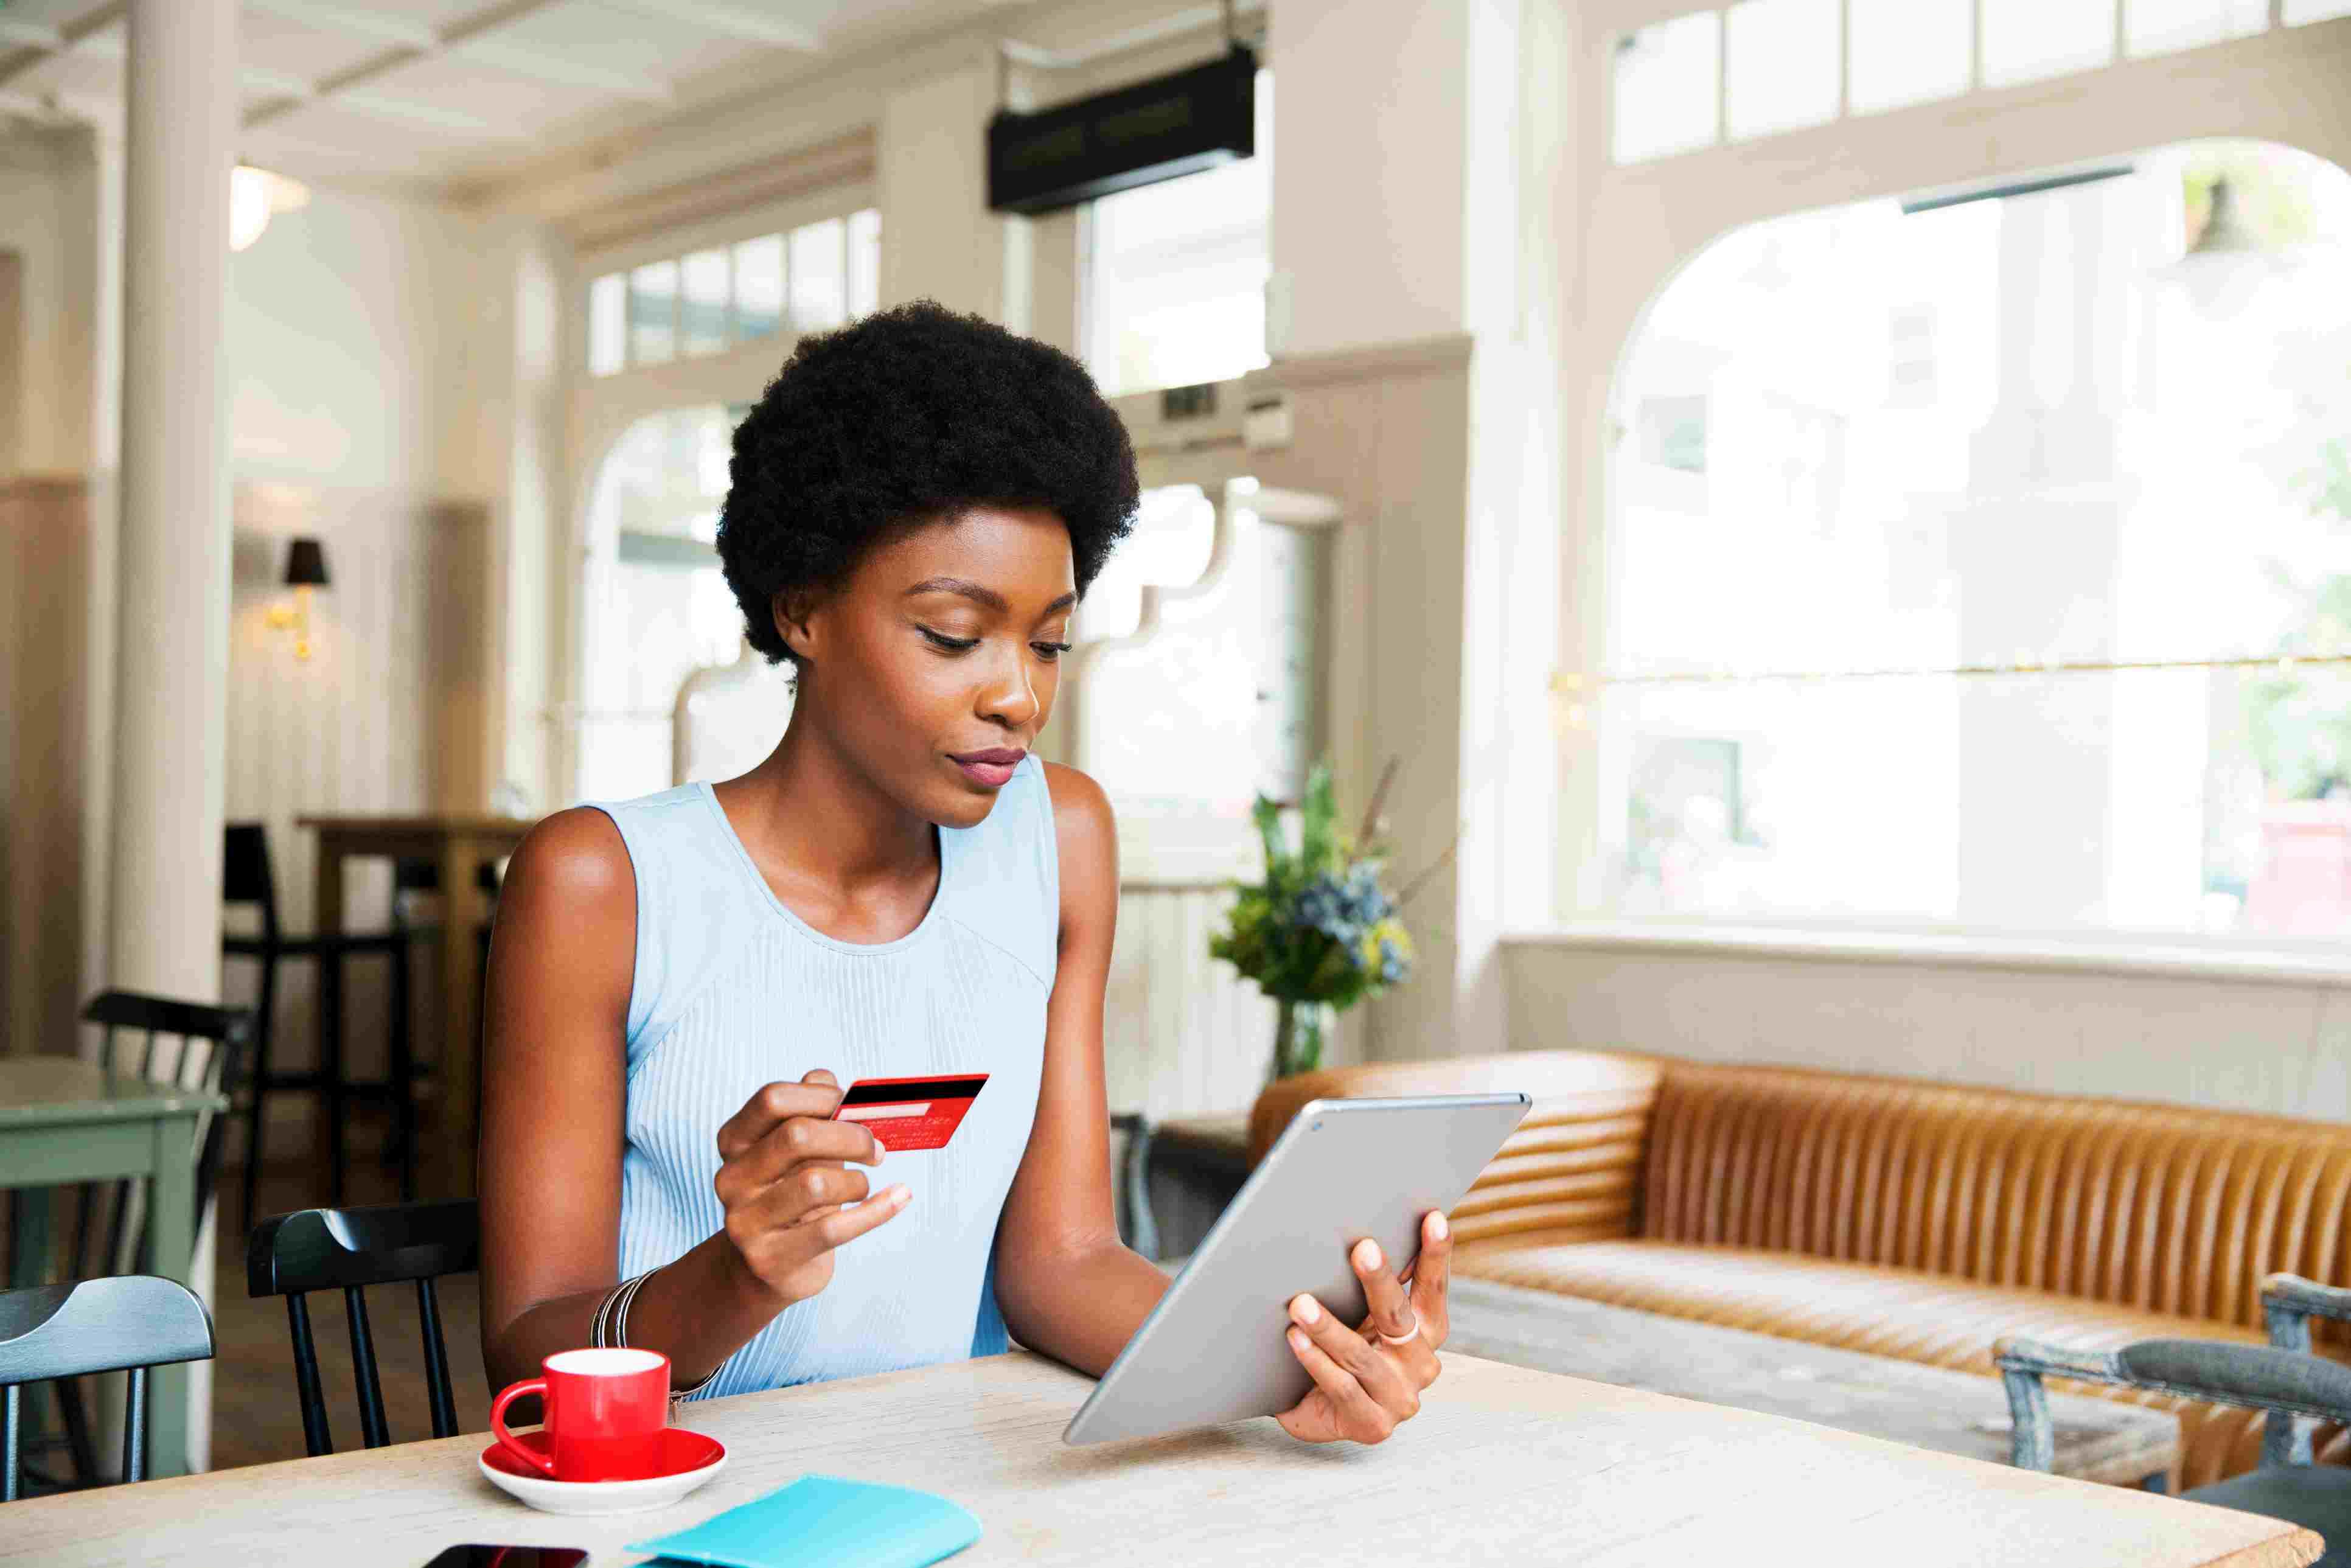 Frau mit Kreditkarte und Tablette